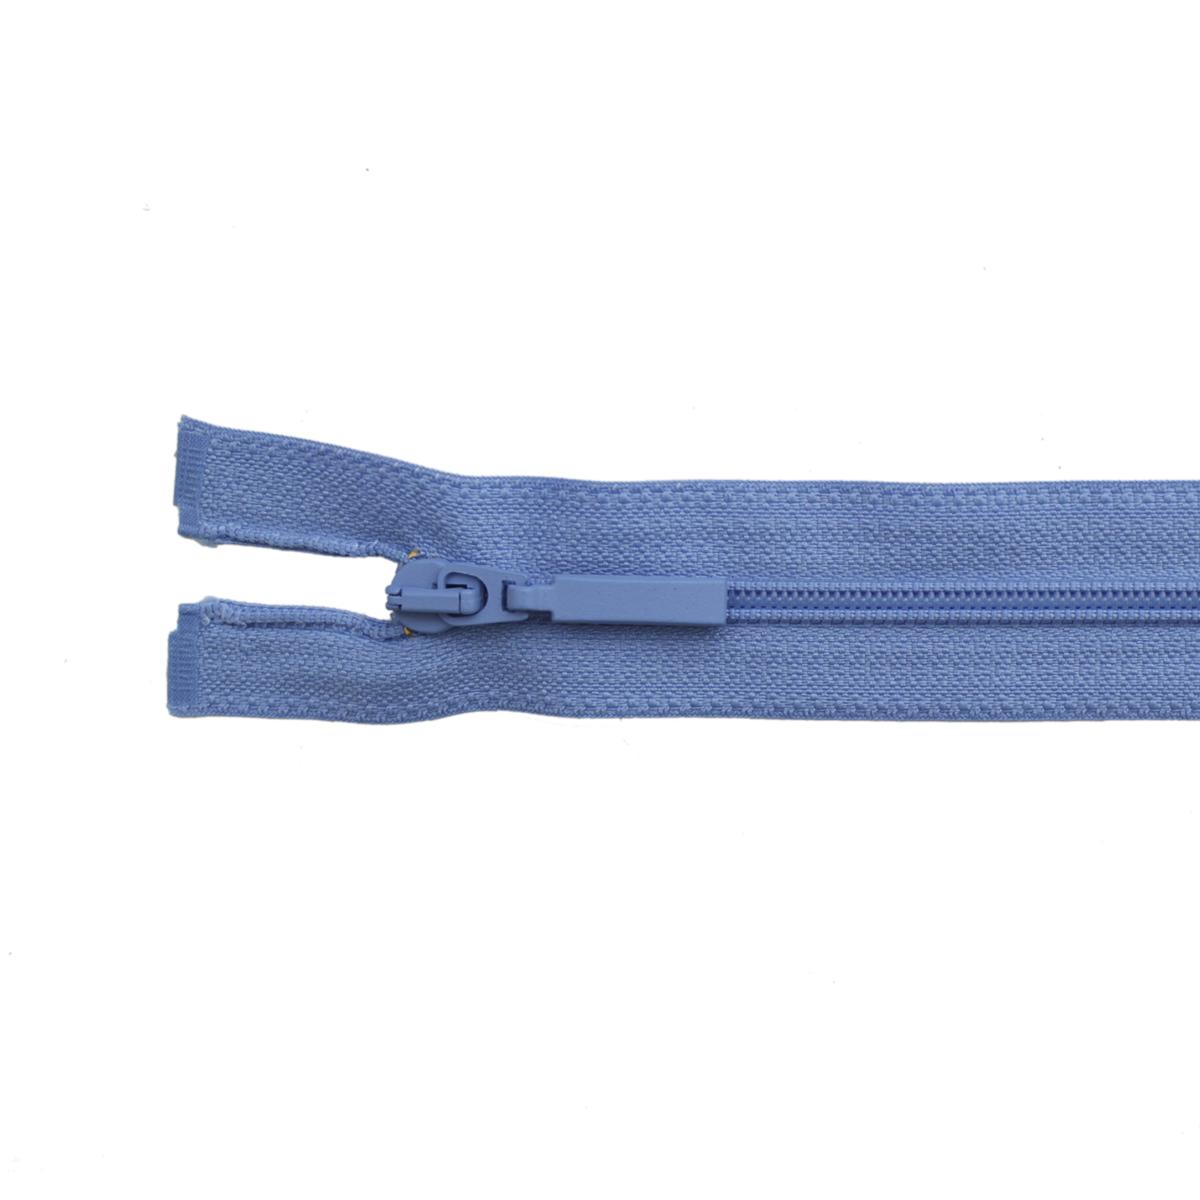 Застежка-молния витая Arta-F, цвет: голубой (260), 60 см25360-260Продукция ARTA-F сертифицирована на Российский, Британский и Латвийский стандарт. Фурнитура ARTA-F изготавливается из европейских материалов, на современном оборудовании, в соответствии с высокими требованиями стандартов. Вся продукция фабрики проходит тесты на качество.Звено застежки-молнии Экстра имеет боковые приливы, которые исключают контакт замка с текстильной лентой, а сокращенный до минимума зазор между замком и приливами звена предохраняет от возможности попадания в замок подкладки, меха, нитей. В то же время эти меры повышают прочность застежки при высоких нагрузках, особенно на изгиб. Применение таких приливов на молниях ARTA-F не только повышает эксплуатационные качества застежки, но и увеличивает прочность крепления звена к ленте, и продлевает срок службы застежек-молний ARTA-F. Такая застежка-молния безопасна, легка в использовании и не повредит одежду.